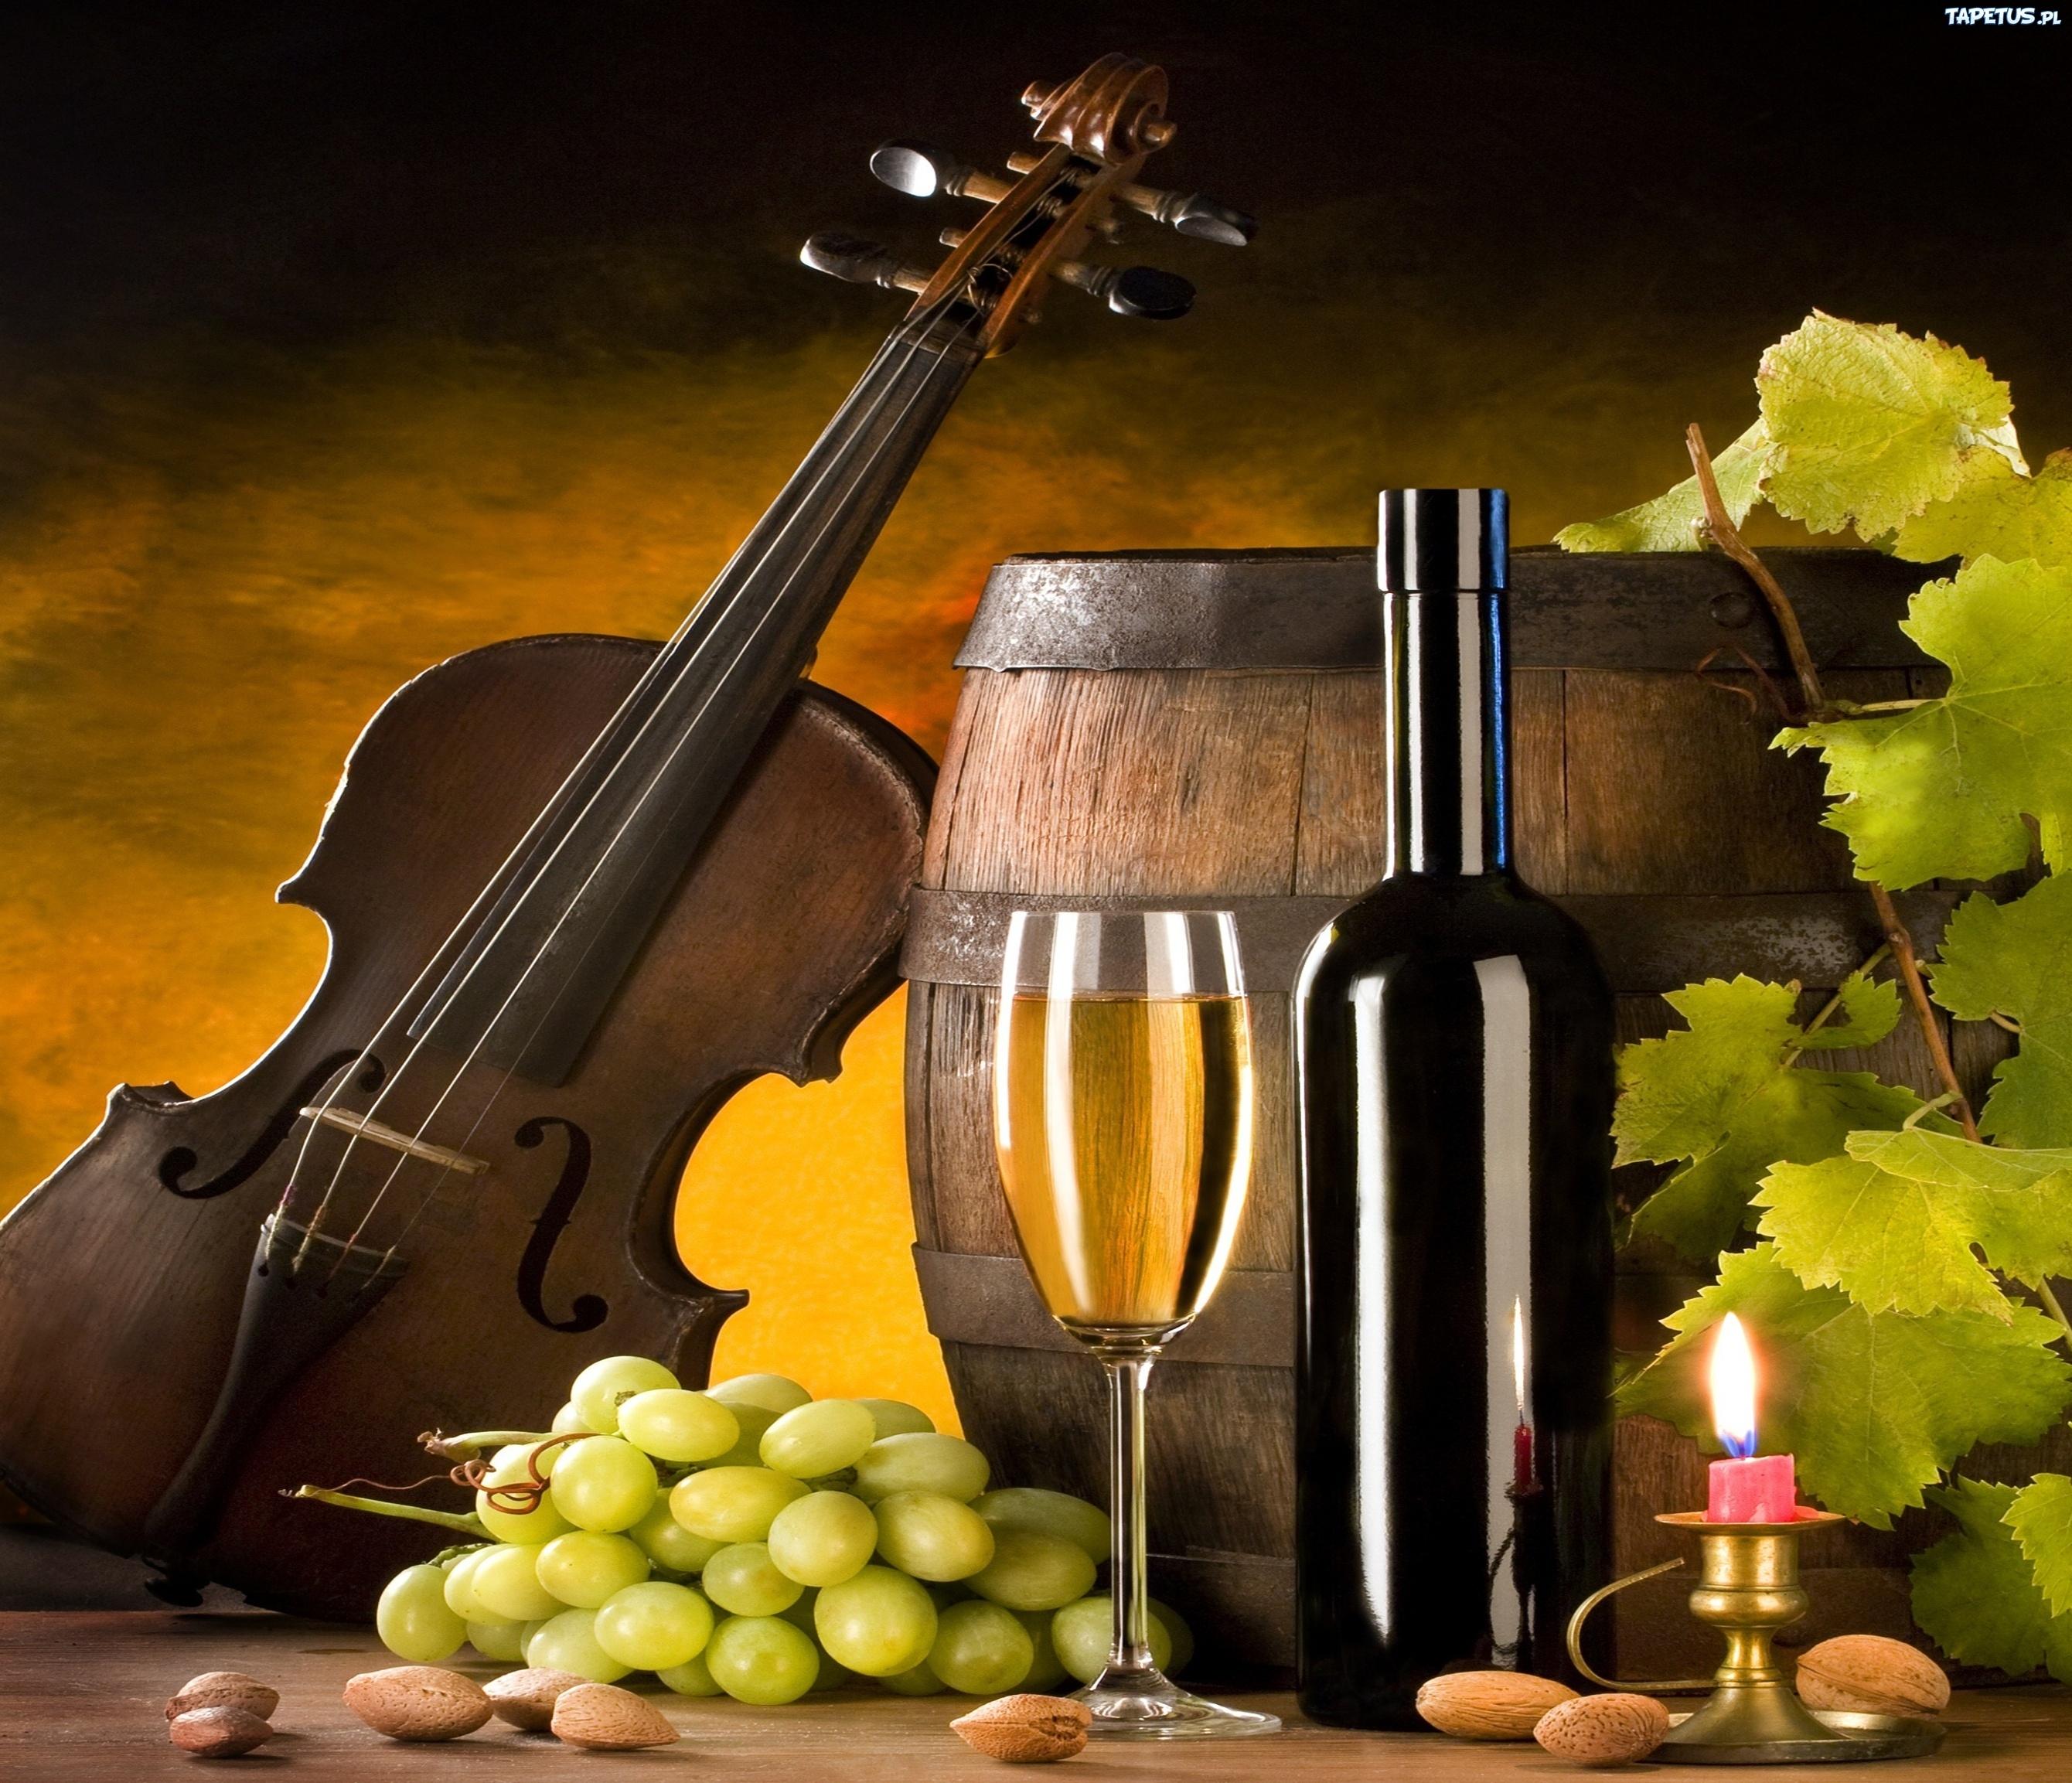 вино, бочка, скрипка, виноград загрузить